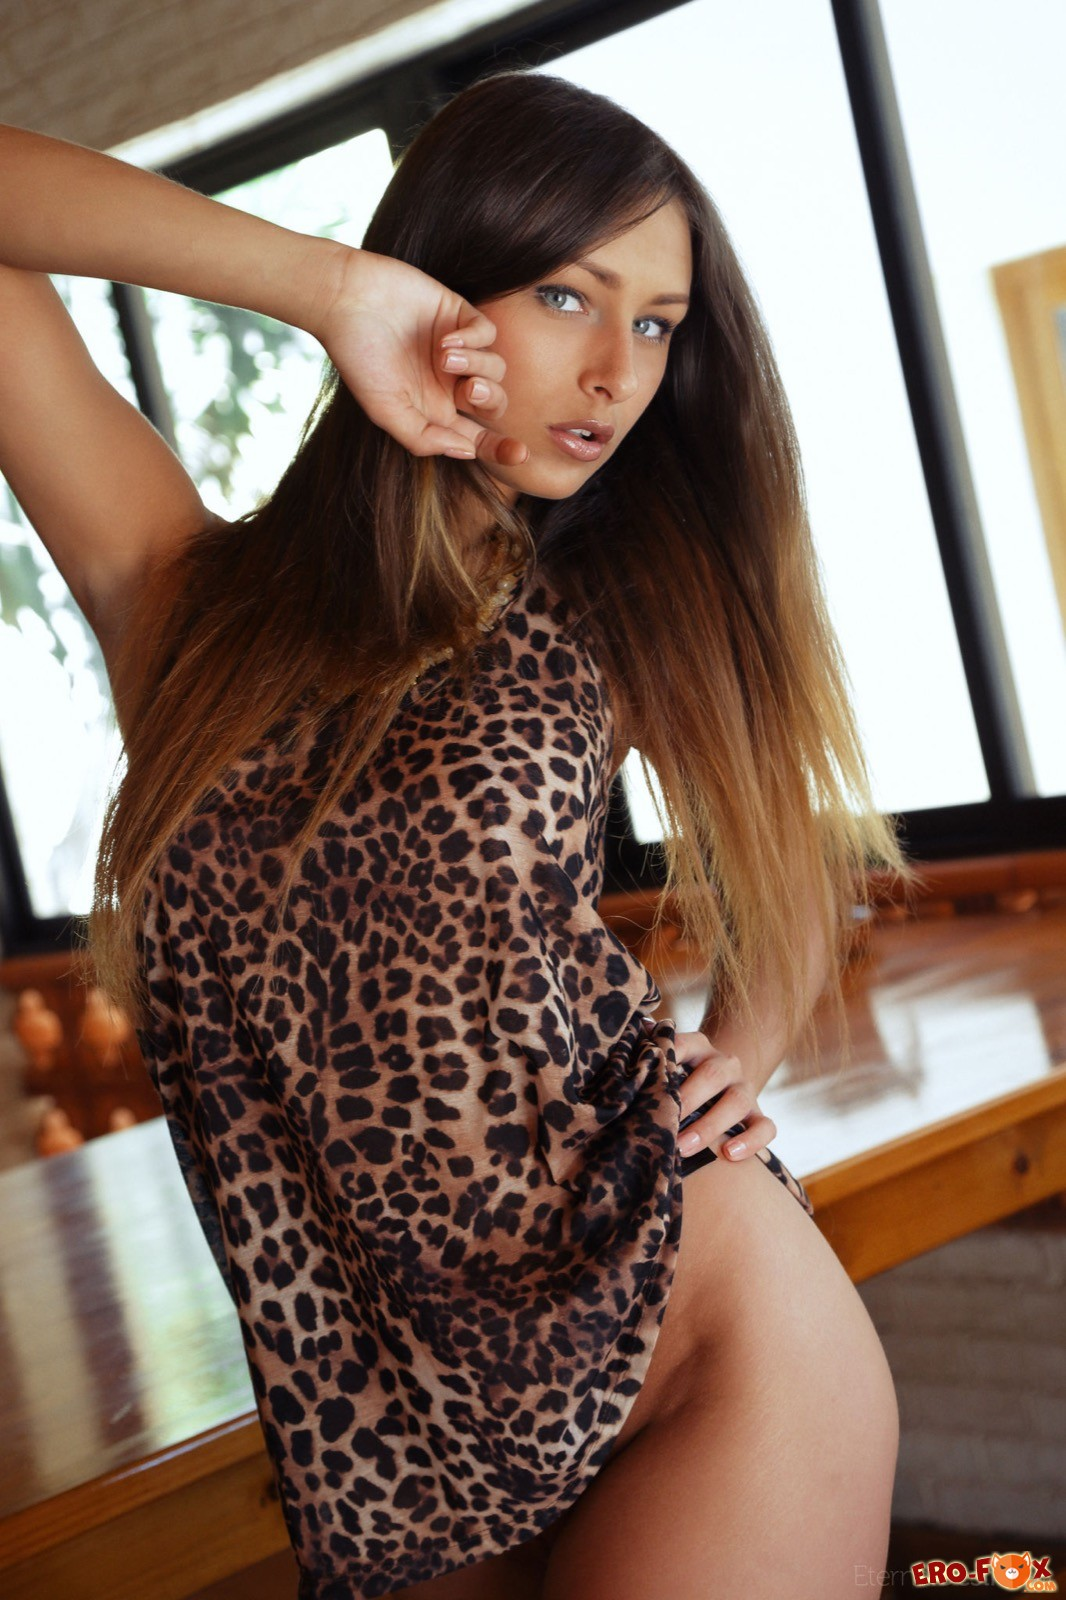 Девка с сексуальным телом оголилась на столе